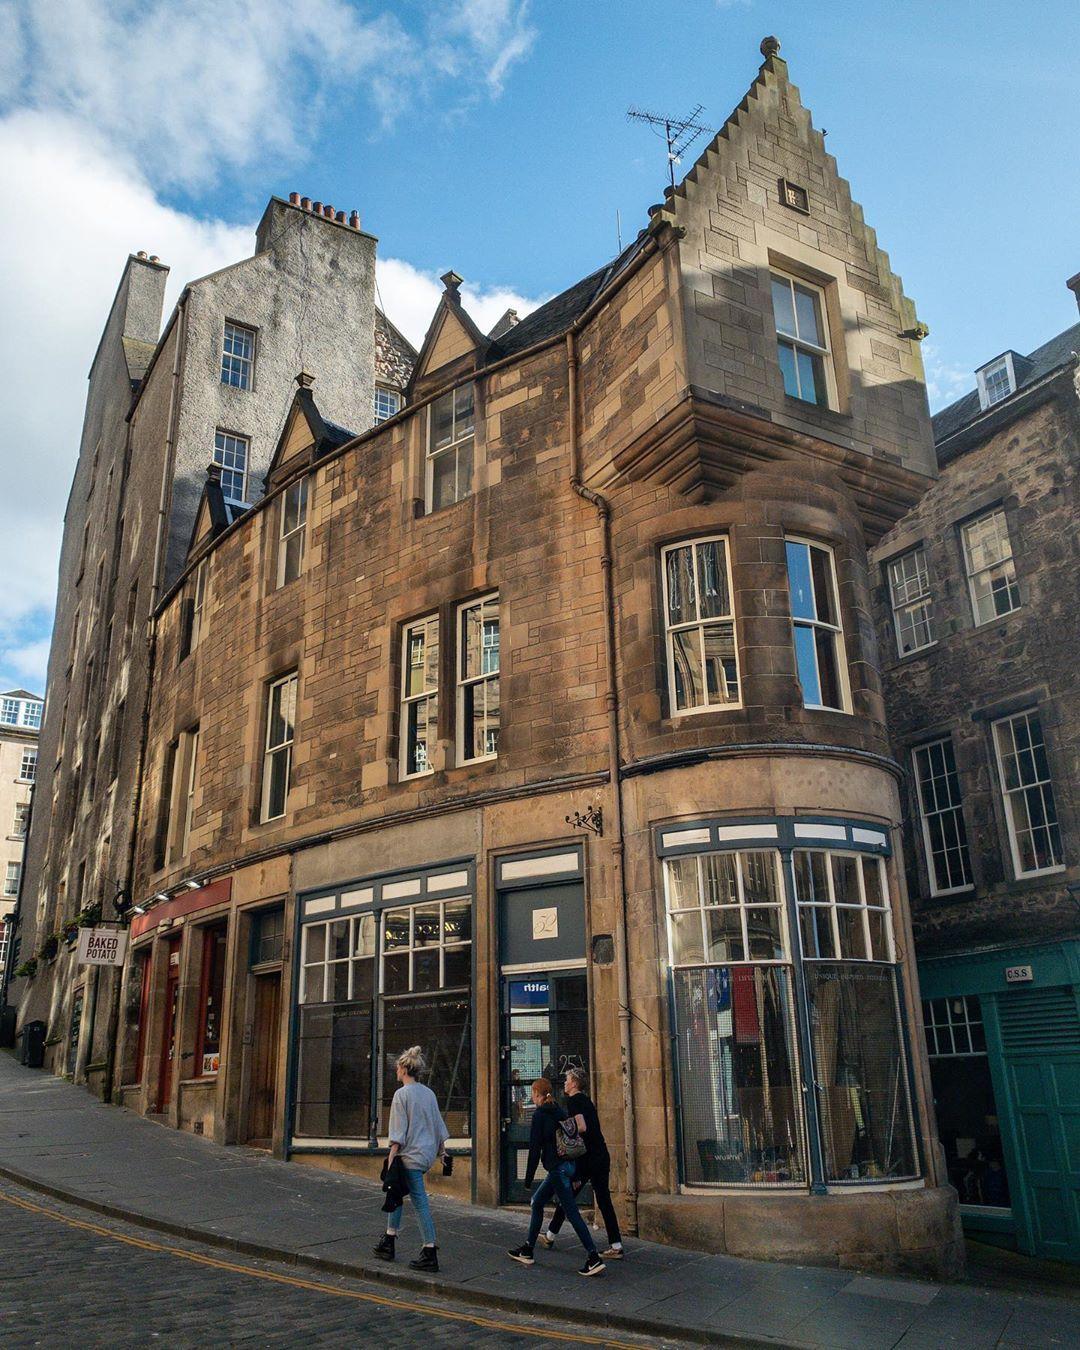 582 mentions J'aime, 2 commentaires - Edinburgh Photos   Scotland (@edinburgh.photos) sur Instagram: